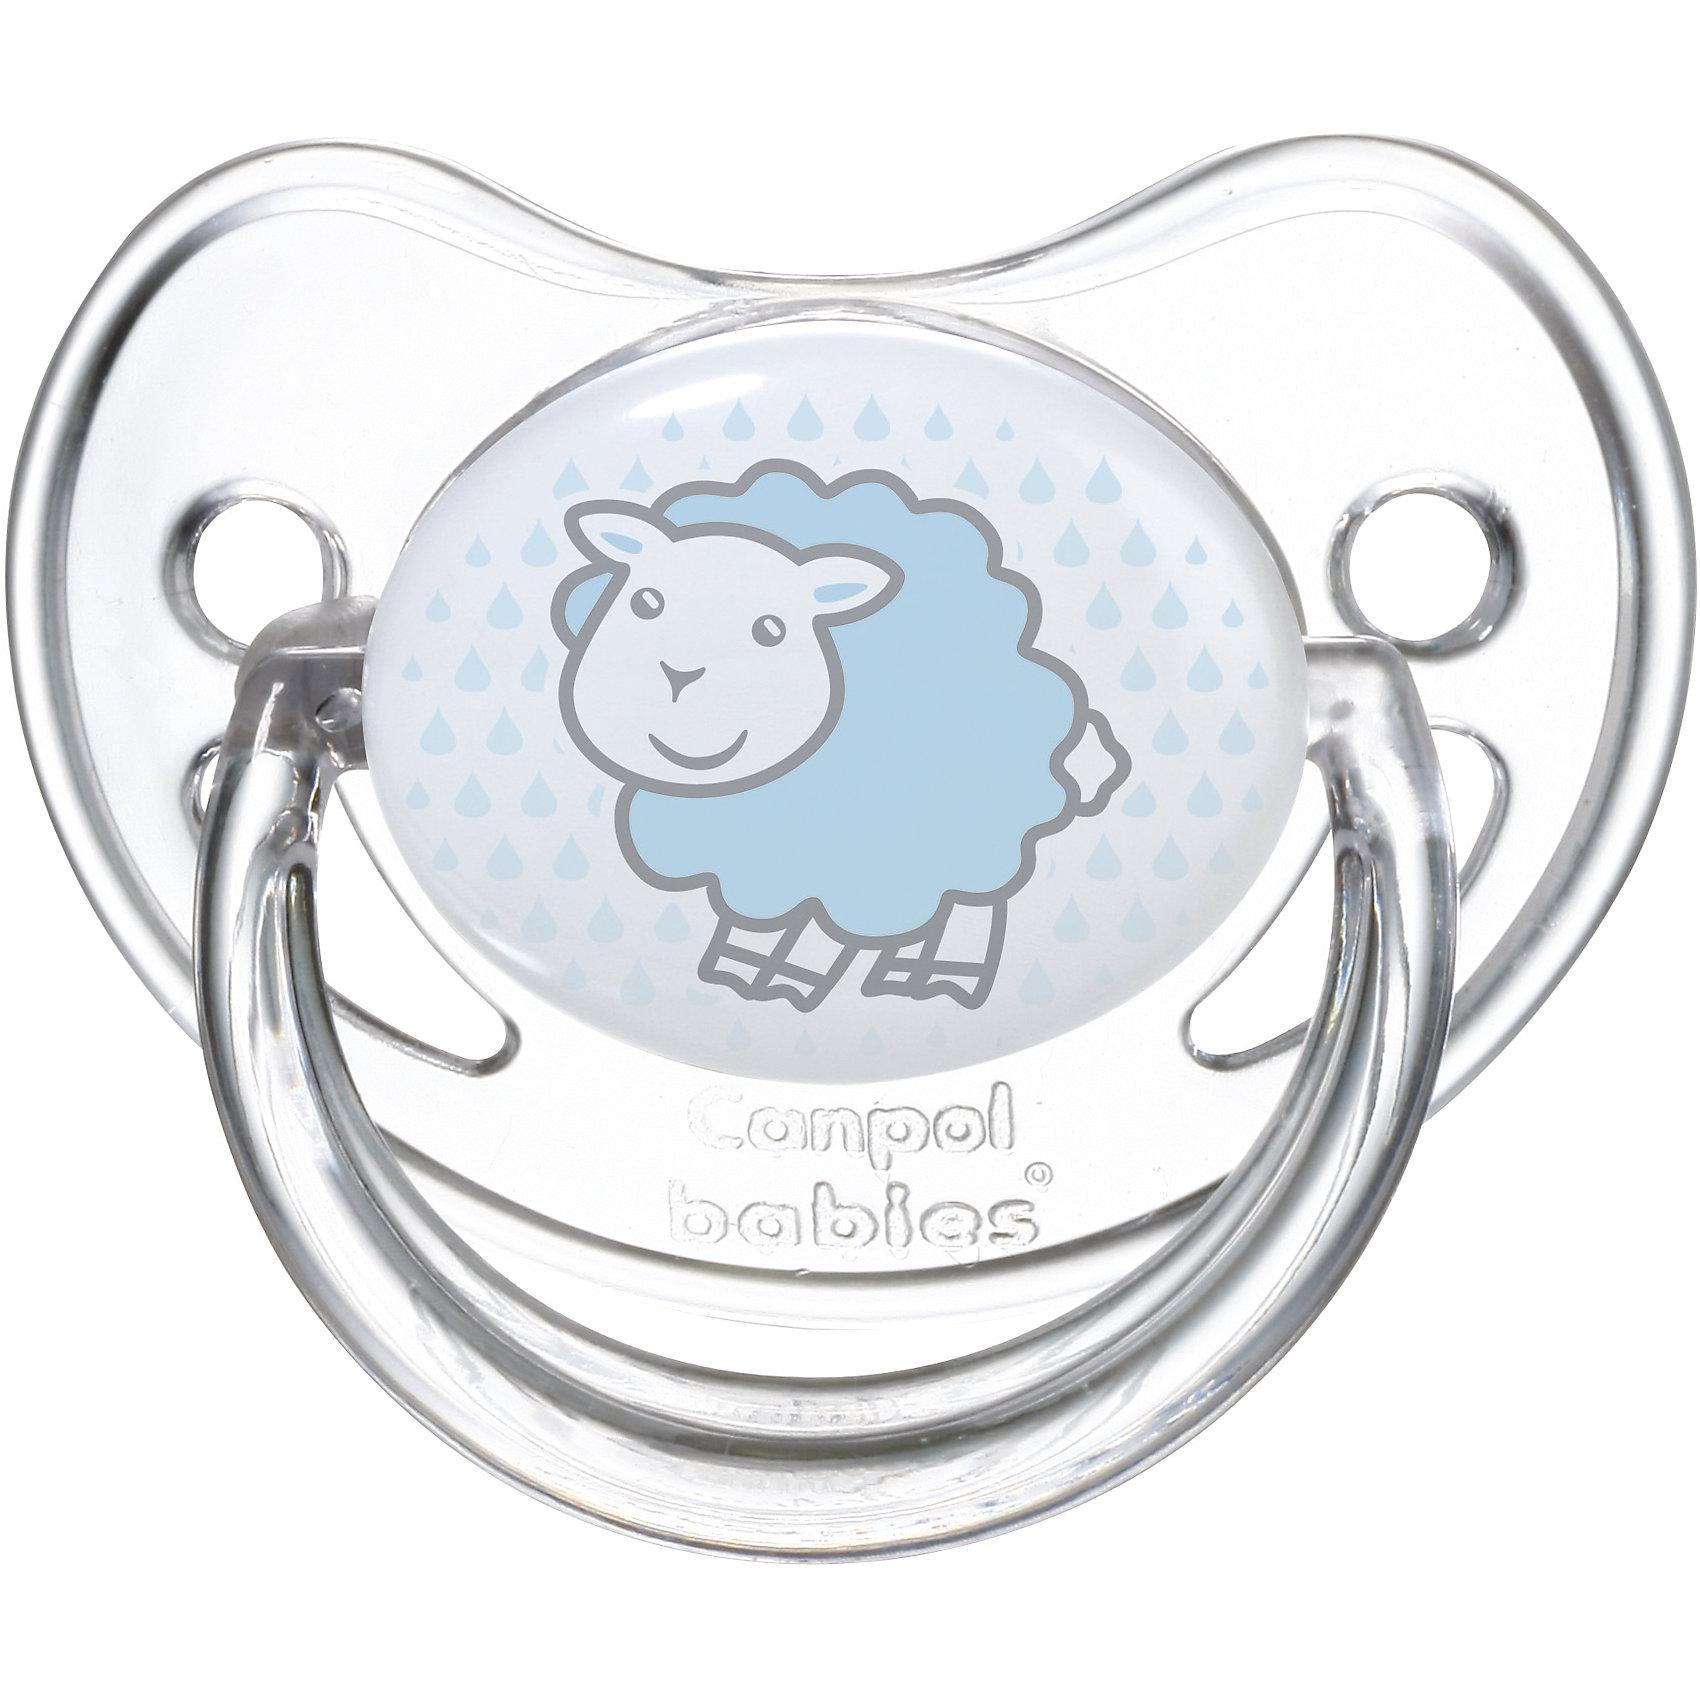 Пустышка анатомическая силиконовая, 0-6 Transparent, Canpol Babies, овечкаПустышки и аксессуары<br>Характеристики:<br><br>• Наименование: пустышка<br>• Пол: для мальчика<br>• Материал: силикон, пластик<br>• Цвет: белый, голубой<br>• Форма: анатомическая<br>• Наличие отверстий для вентиляции<br>• Наличие кольца для держателя<br>• Особенности ухода: регулярная стерилизация и своевременная замена<br><br>Пустышка анатомическая силиконовая, 0-6 Transparent, Canpol Babies, овечка имеет специальную форму, которая обеспечивает правильное давление на небо. Изготовлена из запатентованного вида силикона, который не имеет запаха. При правильном уходе обеспечивает длительное использование. У соски имеется ограничитель из прозрачного пластика, который учитывает анатомические особенности детского личика, и кольцо для держателя. Пустышка анатомическая силиконовая, 0-6 Transparent, Canpol Babies, овечка выполнена в стильном дизайне с изображением милой овечки.<br><br>Пустышку анатомическую силиконовую, 0-6 Transparent, Canpol Babies, овечку можно купить в нашем интернет-магазине.<br><br>Ширина мм: 95<br>Глубина мм: 45<br>Высота мм: 155<br>Вес г: 110<br>Возраст от месяцев: 0<br>Возраст до месяцев: 6<br>Пол: Мужской<br>Возраст: Детский<br>SKU: 5156614